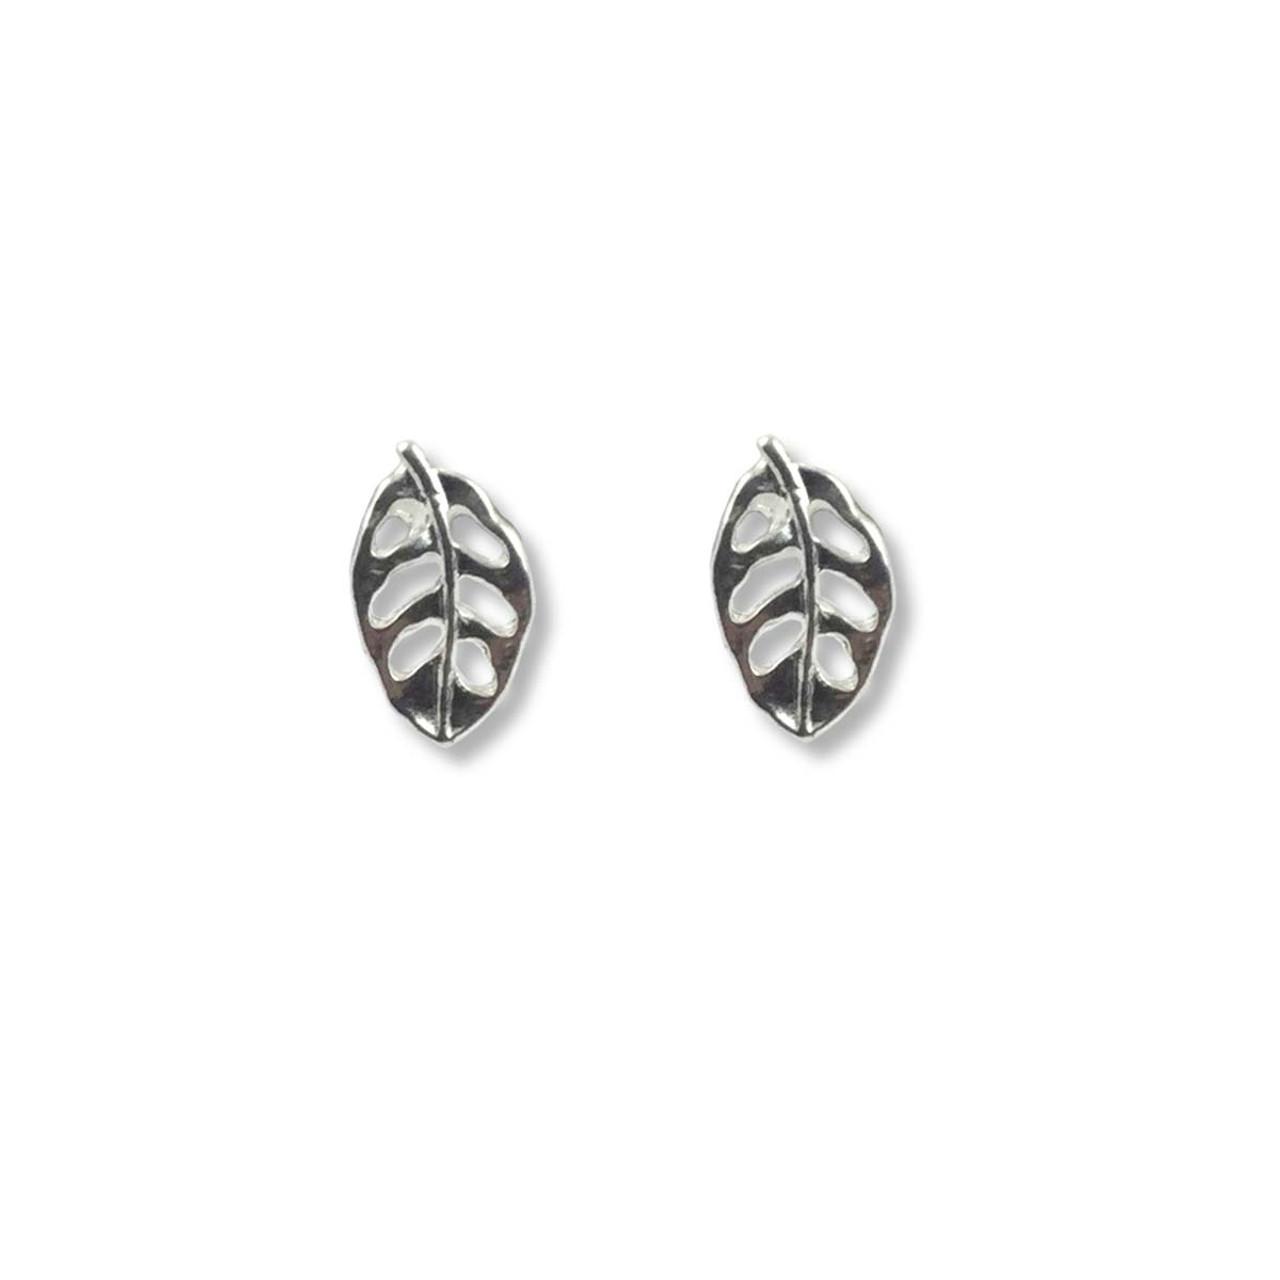 babd74b71 Sterling Silver Leaf Post Earrings - JH Breakell & Co.